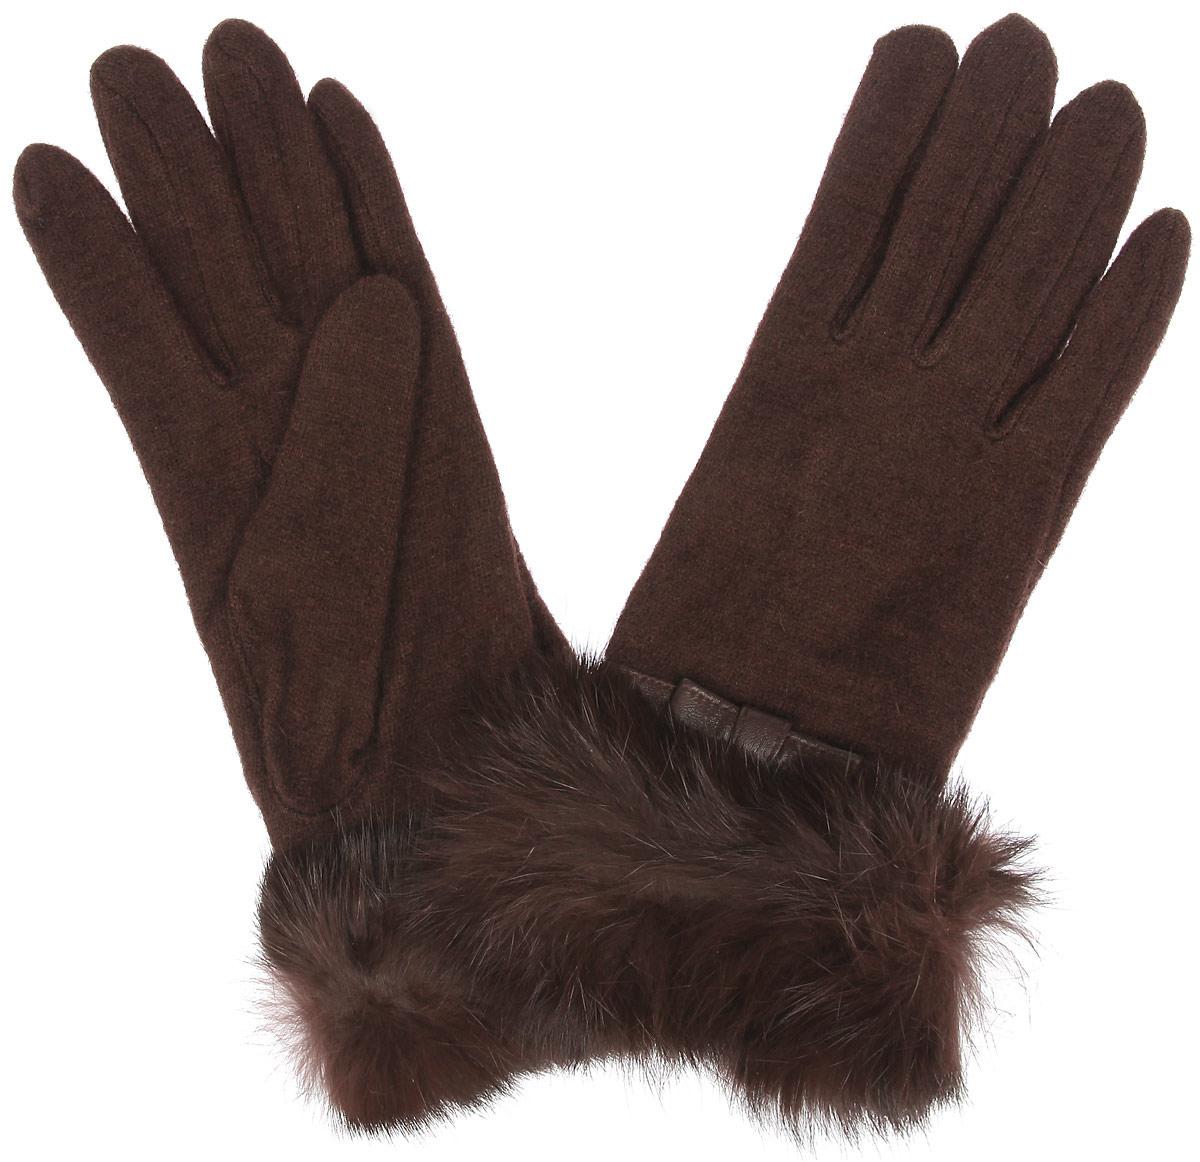 Перчатки женские. LB-PH-37LB-PH-37Стильные женские перчатки Labbra не только защитят ваши руки от холода, но и станут великолепным украшением. Перчатки выполнены из шерсти с добавлением акрила и ангоры. Модель украшена оторочкой из натурального меха кролика и декоративным кожаным ремешком с бантиком. В настоящее время перчатки являются неотъемлемой частью одежды, вместе с этим аксессуаром вы обретаете женственность и элегантность. Перчатки станут завершающим и подчеркивающим элементом вашего стиля и неповторимости.